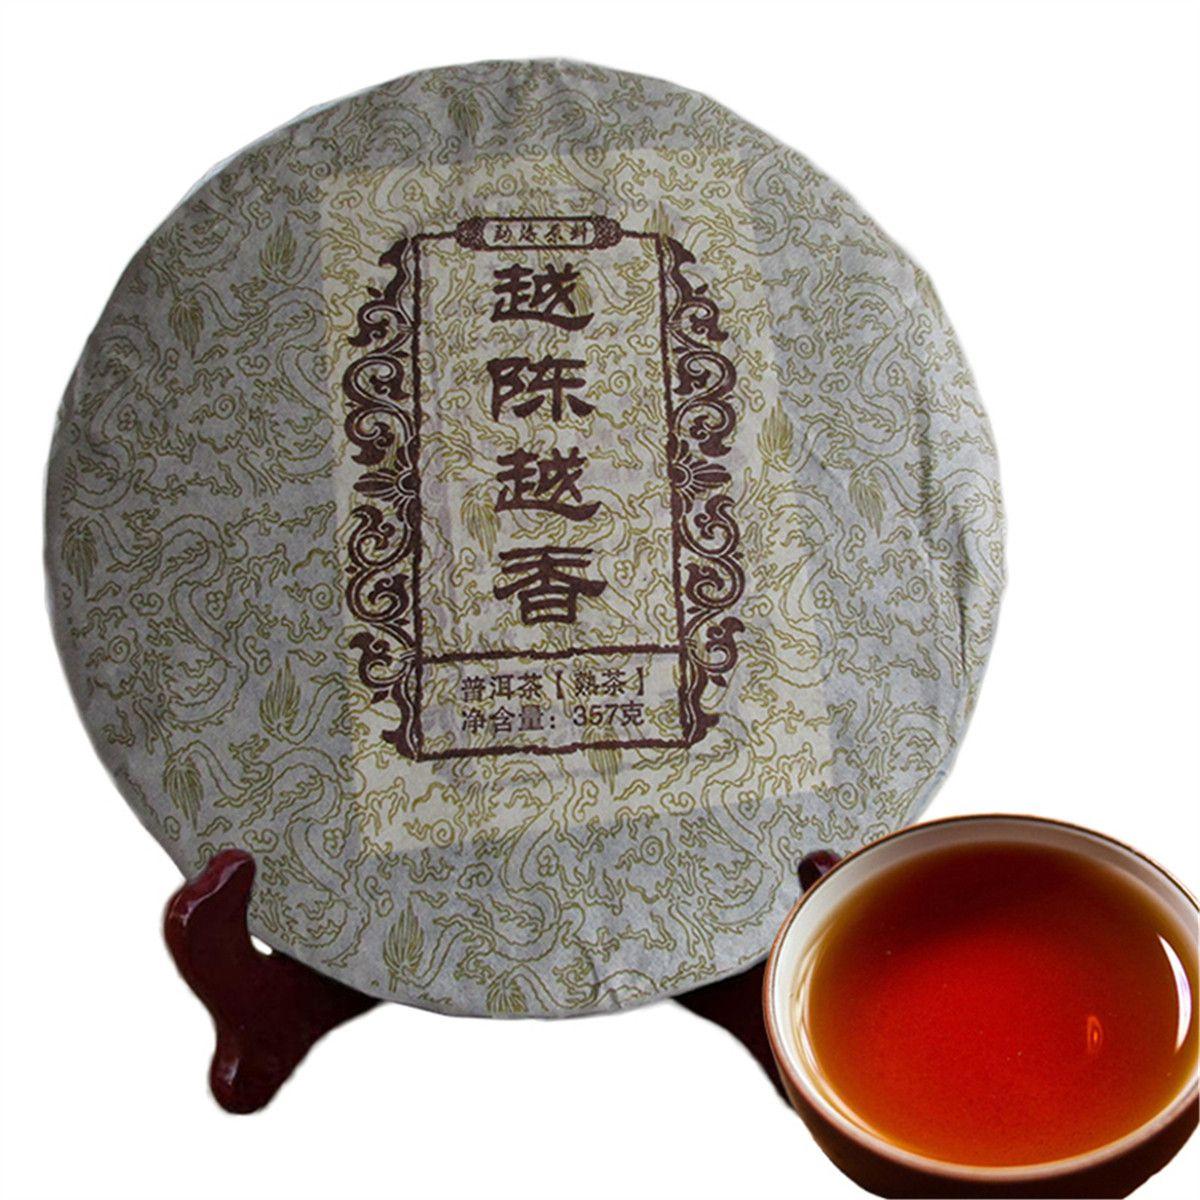 Plus Yunnan 357 g plus ancienne aromatique Ripe Thé Puer Gâteau naturel noir Puerh vieil arbre organique des ventes de cuisson des aliments Puer Hot